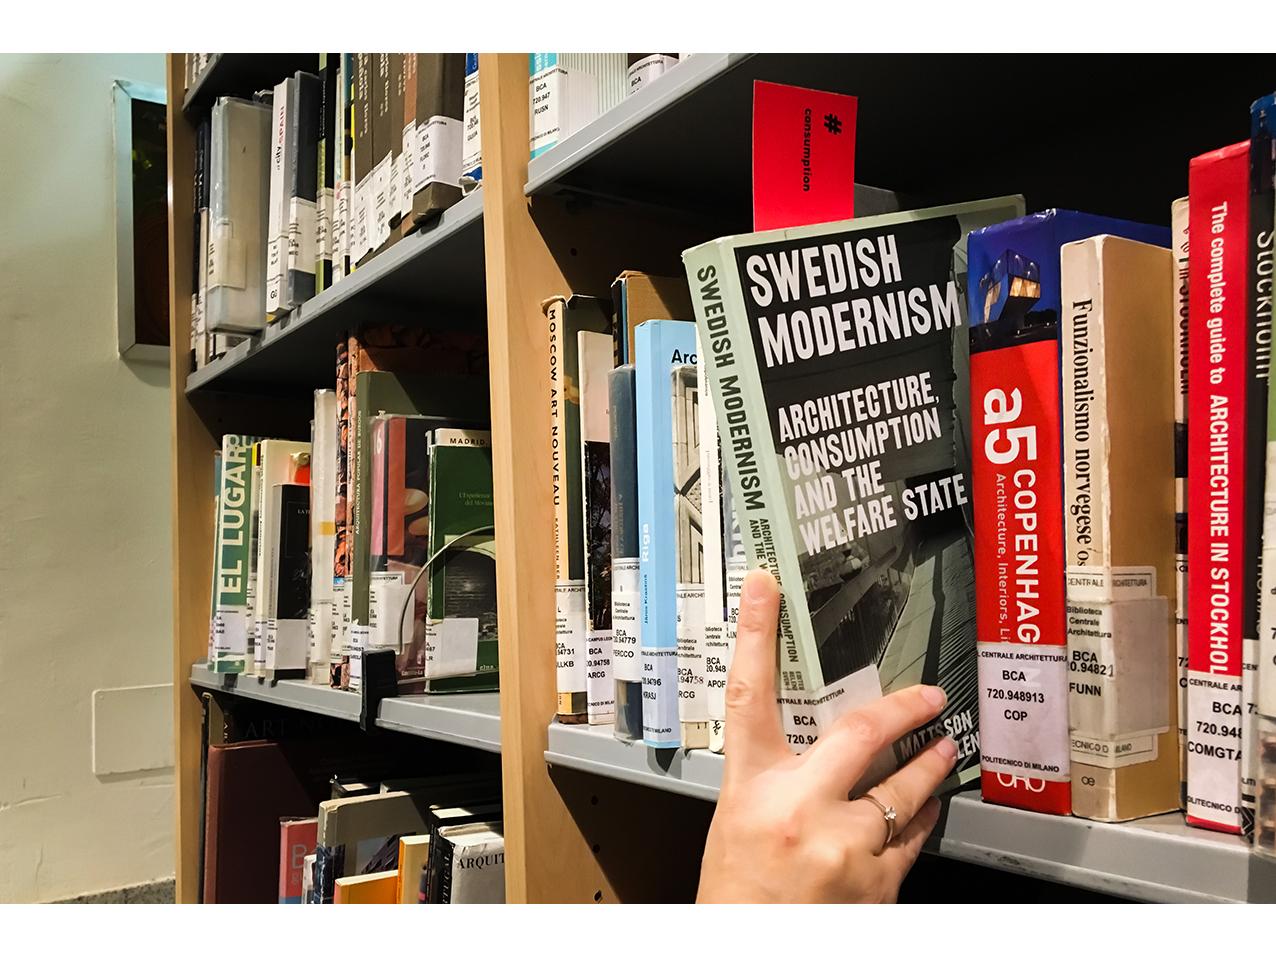 u67_biblioteca-analoga_011e